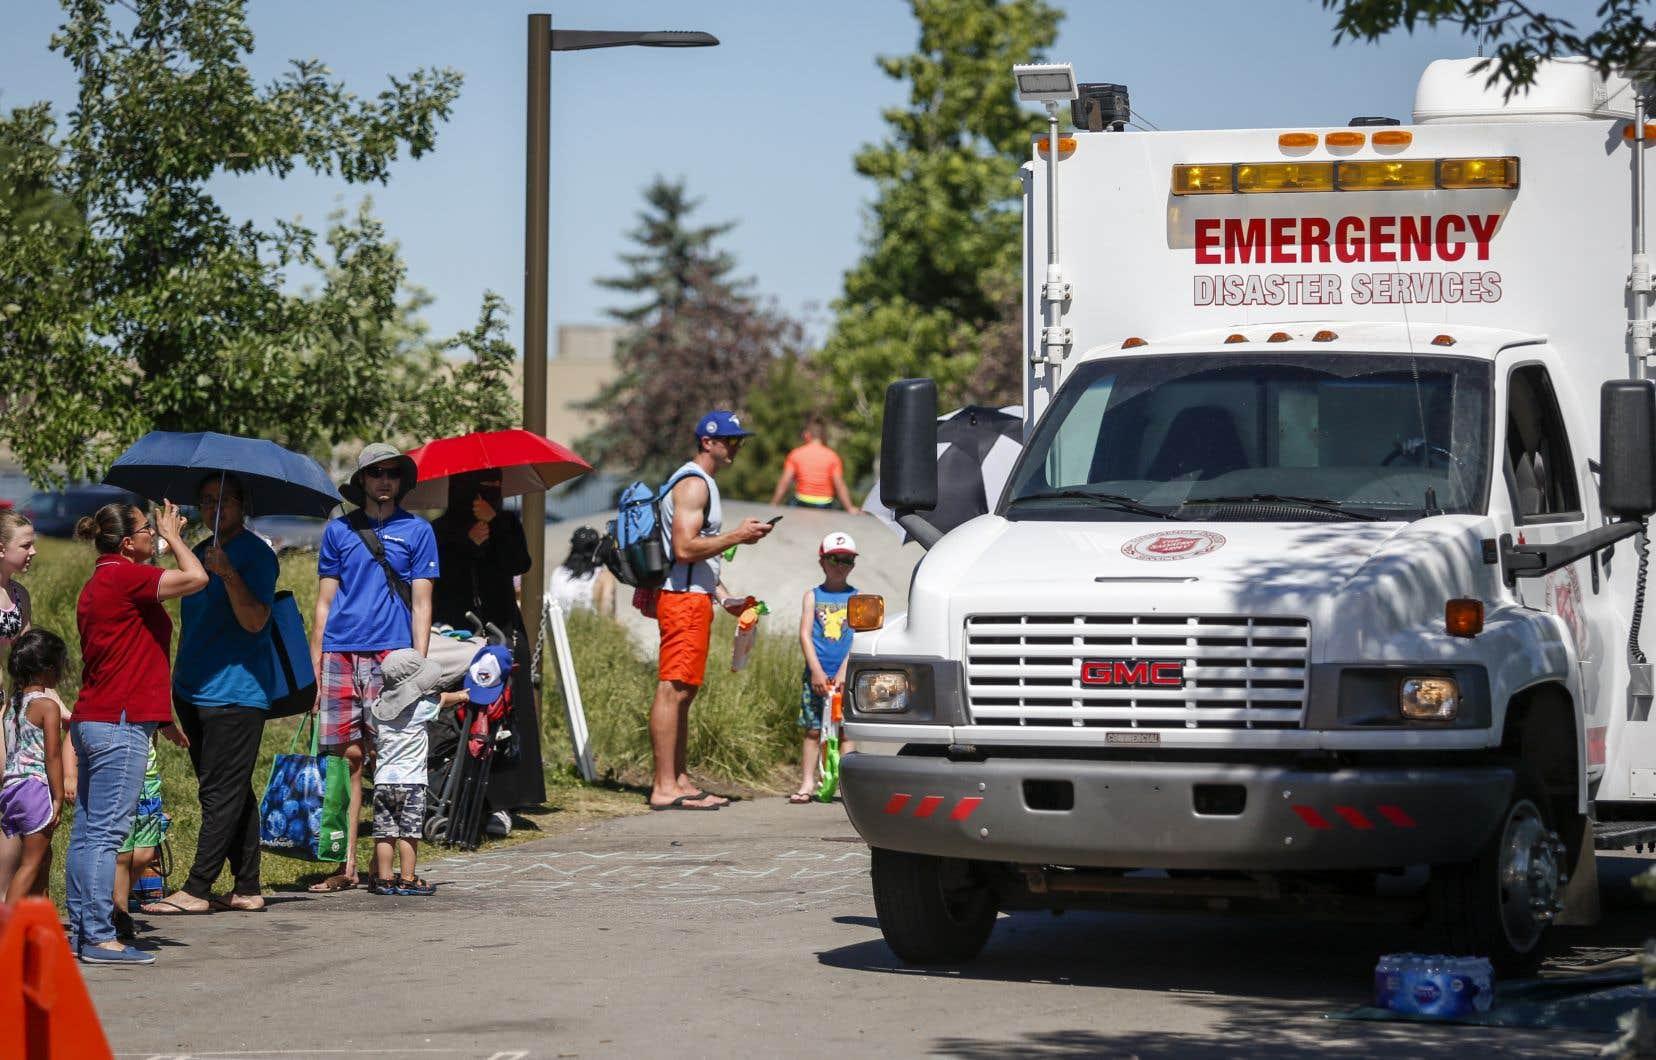 Un véhicule SMU de l'Armée du Salut est utilisé comme station de refroidissement à l'entrée d'un parc aquatique à Calgary où les gens font la file pour aller se rafraîchir.